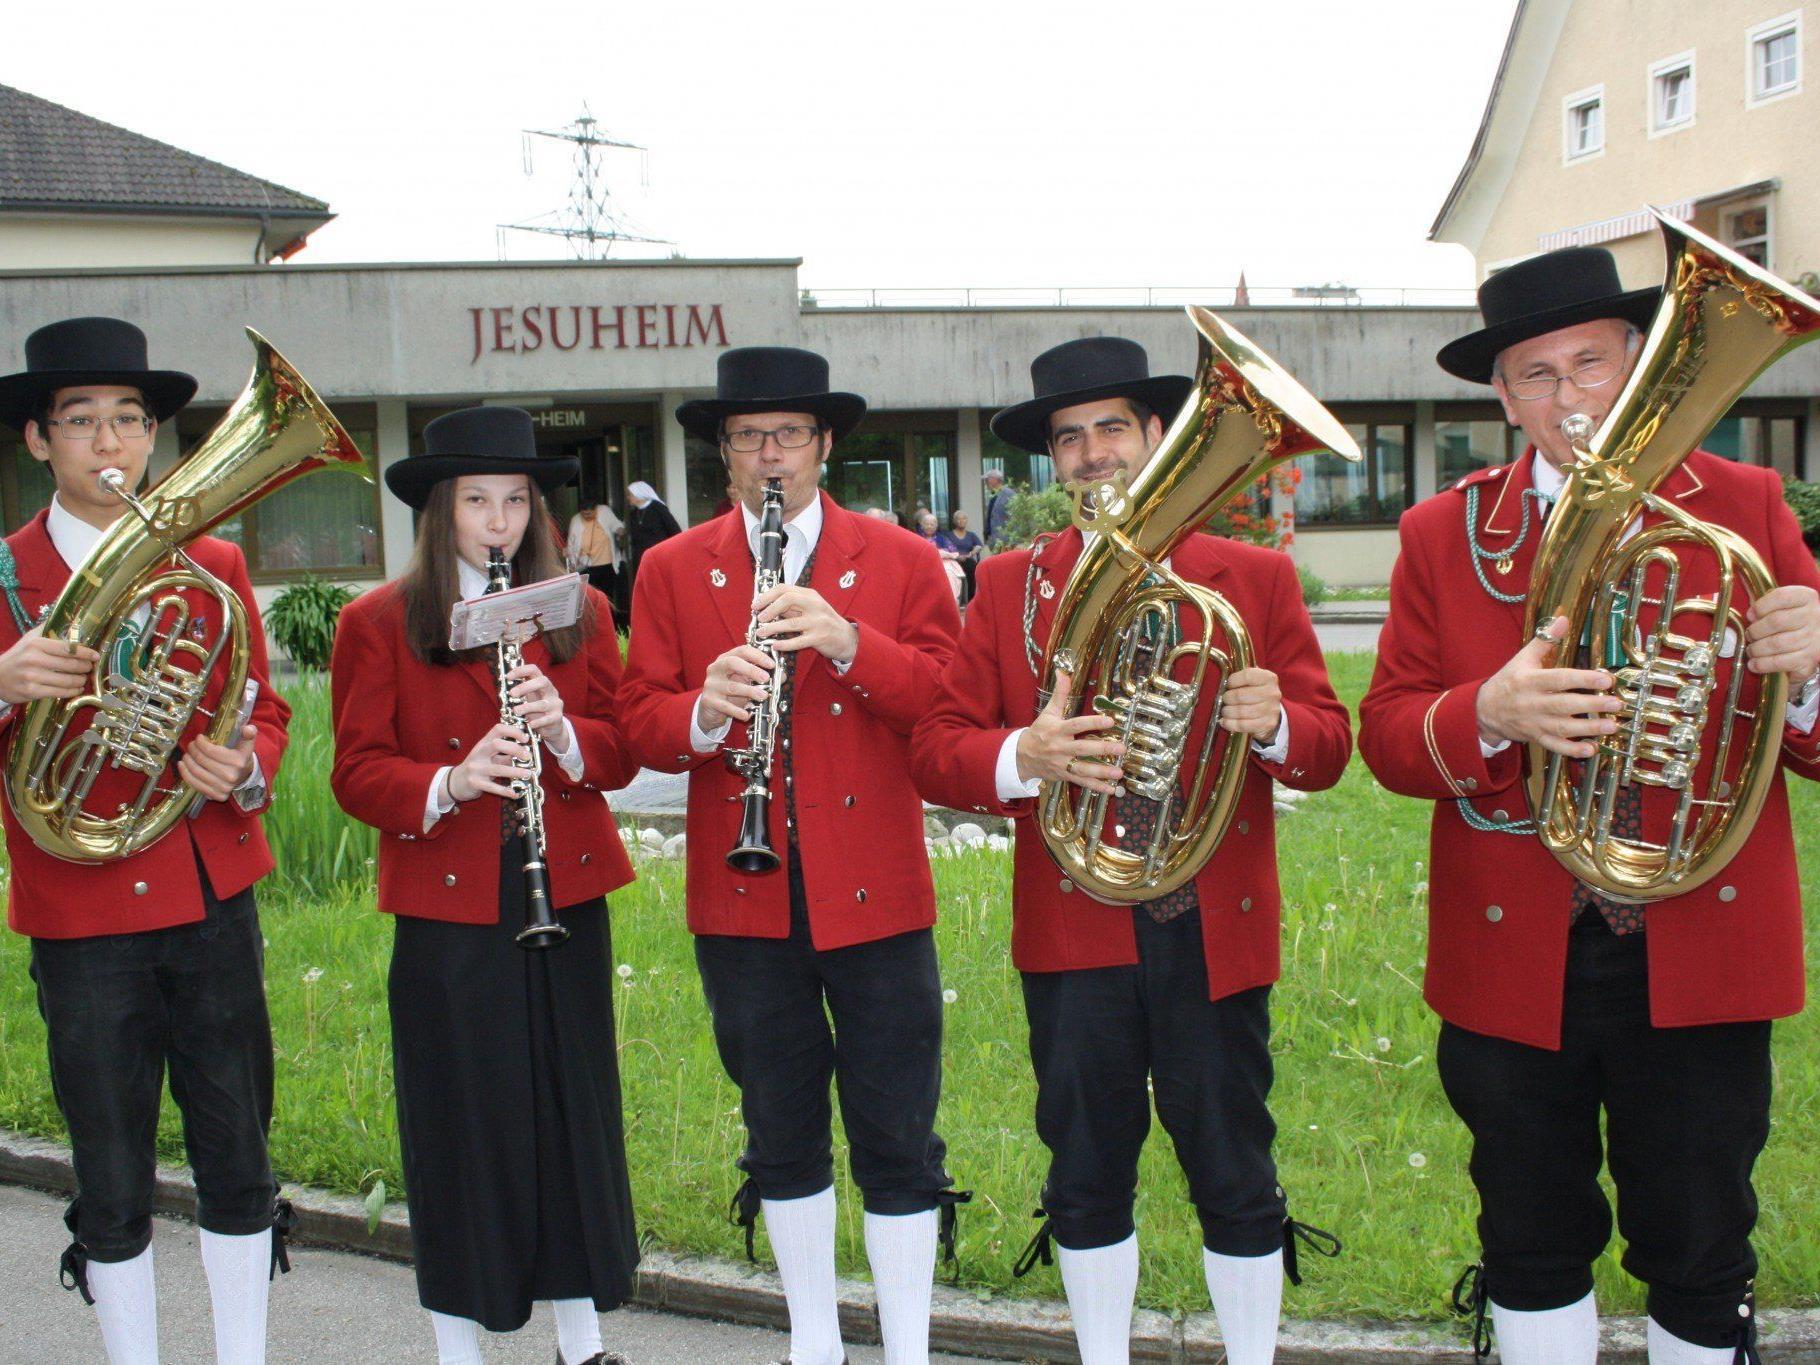 Natürlich erfreute der Musikverein auch die Bewohner des Pflegeheimes Jesuheim in Oberlochau mit einem flotten Ständchen.